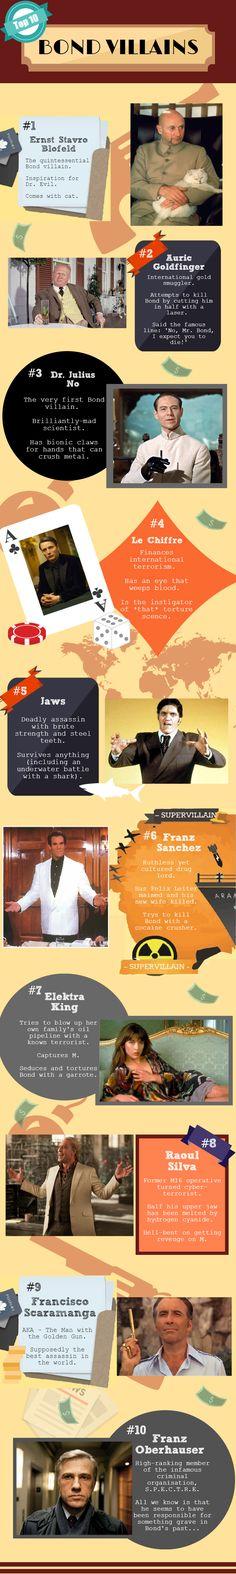 Top 10 James Bond Villains http://www.1stchoicecufflinks.com/blog/dress-like-james-bond/